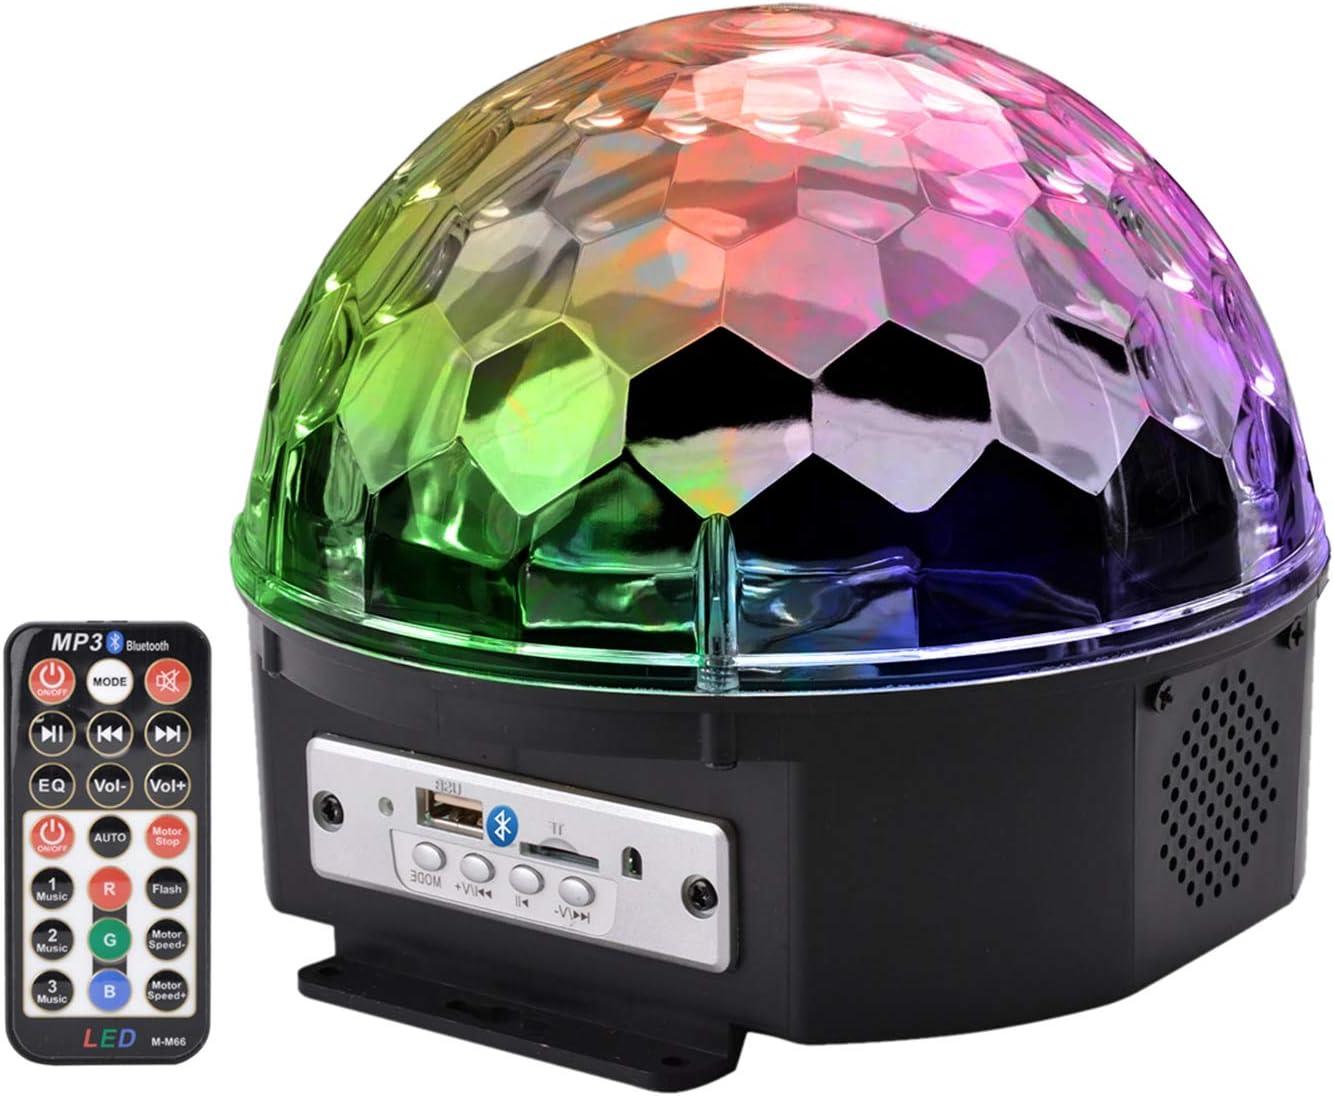 Outgeek DJ Lights